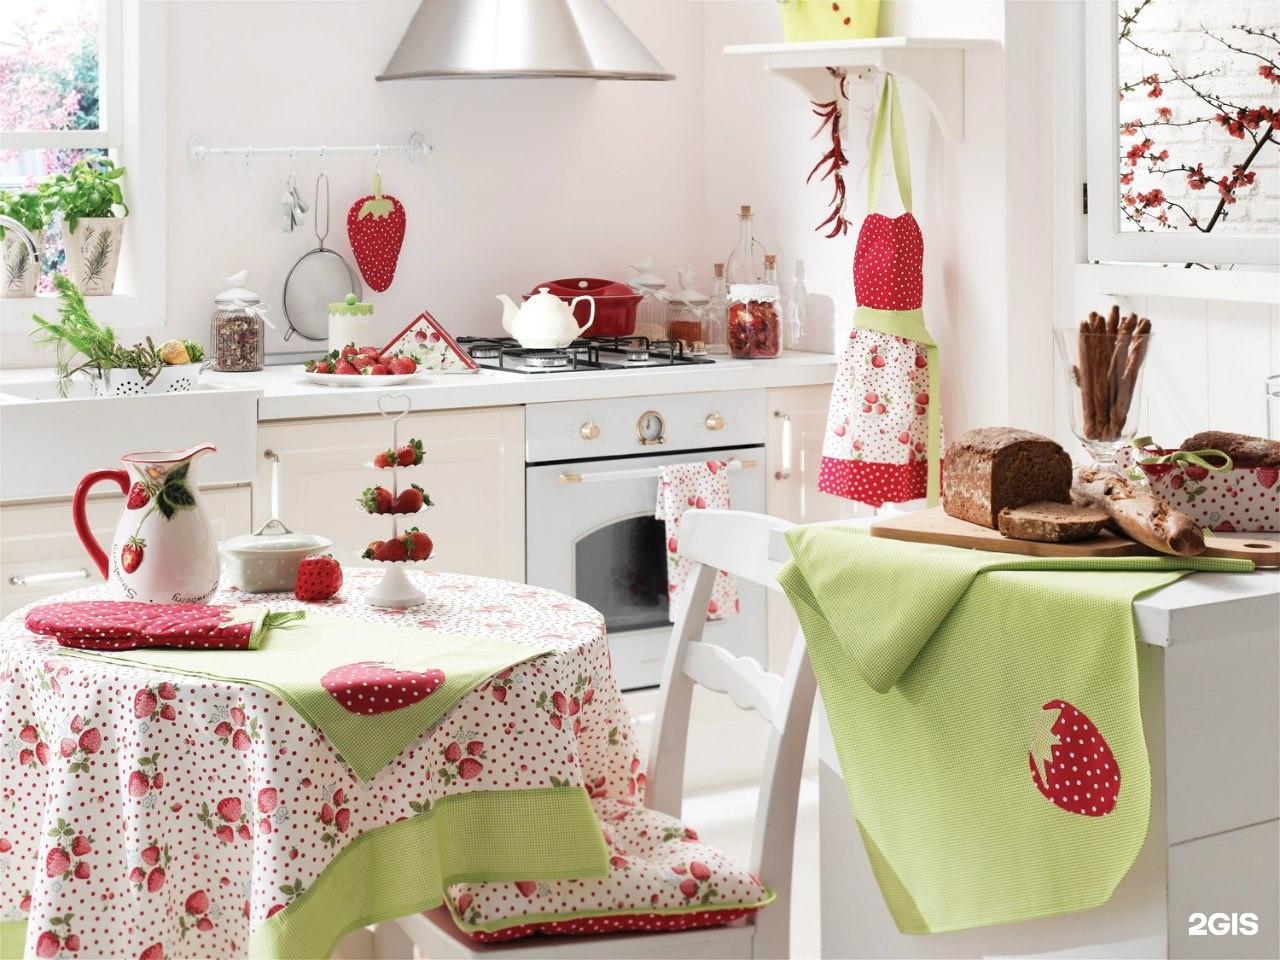 Текстиль на кухне своими руками фото